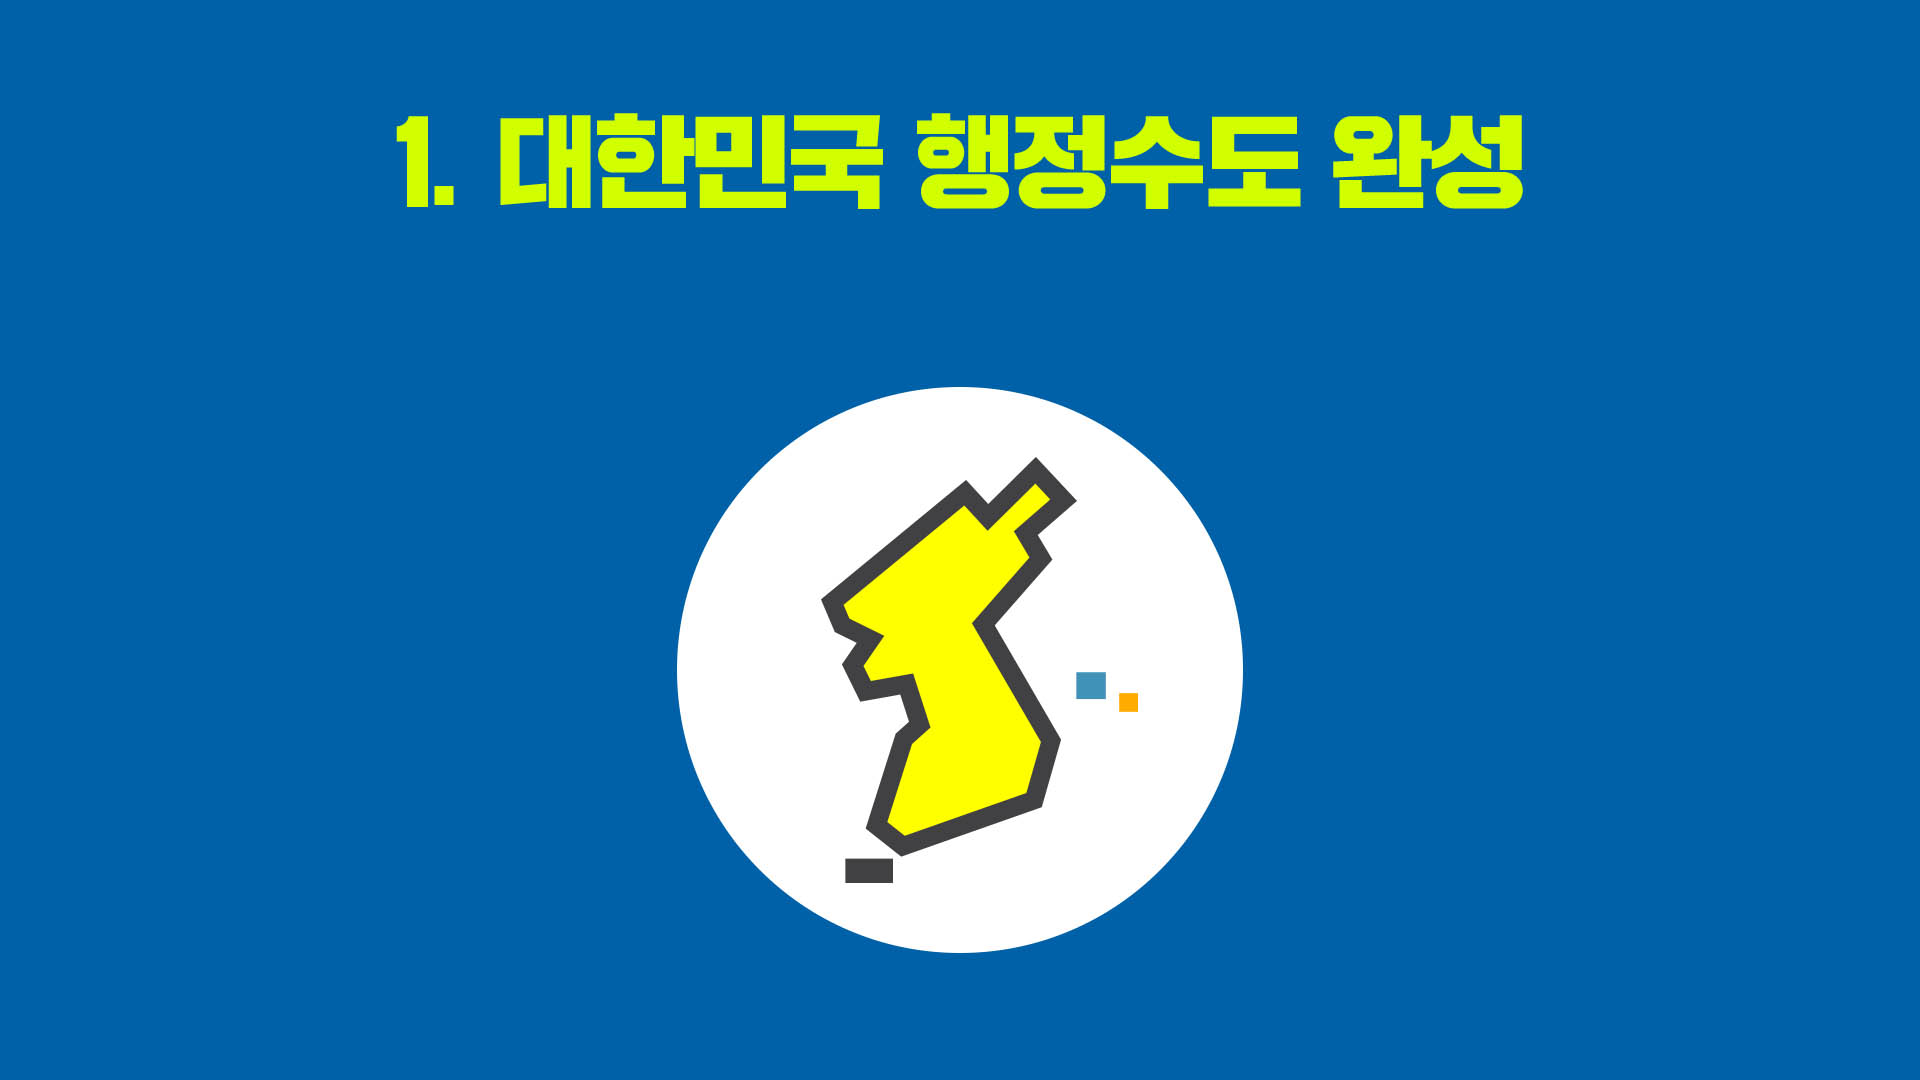 2019 행정수도 업무계획